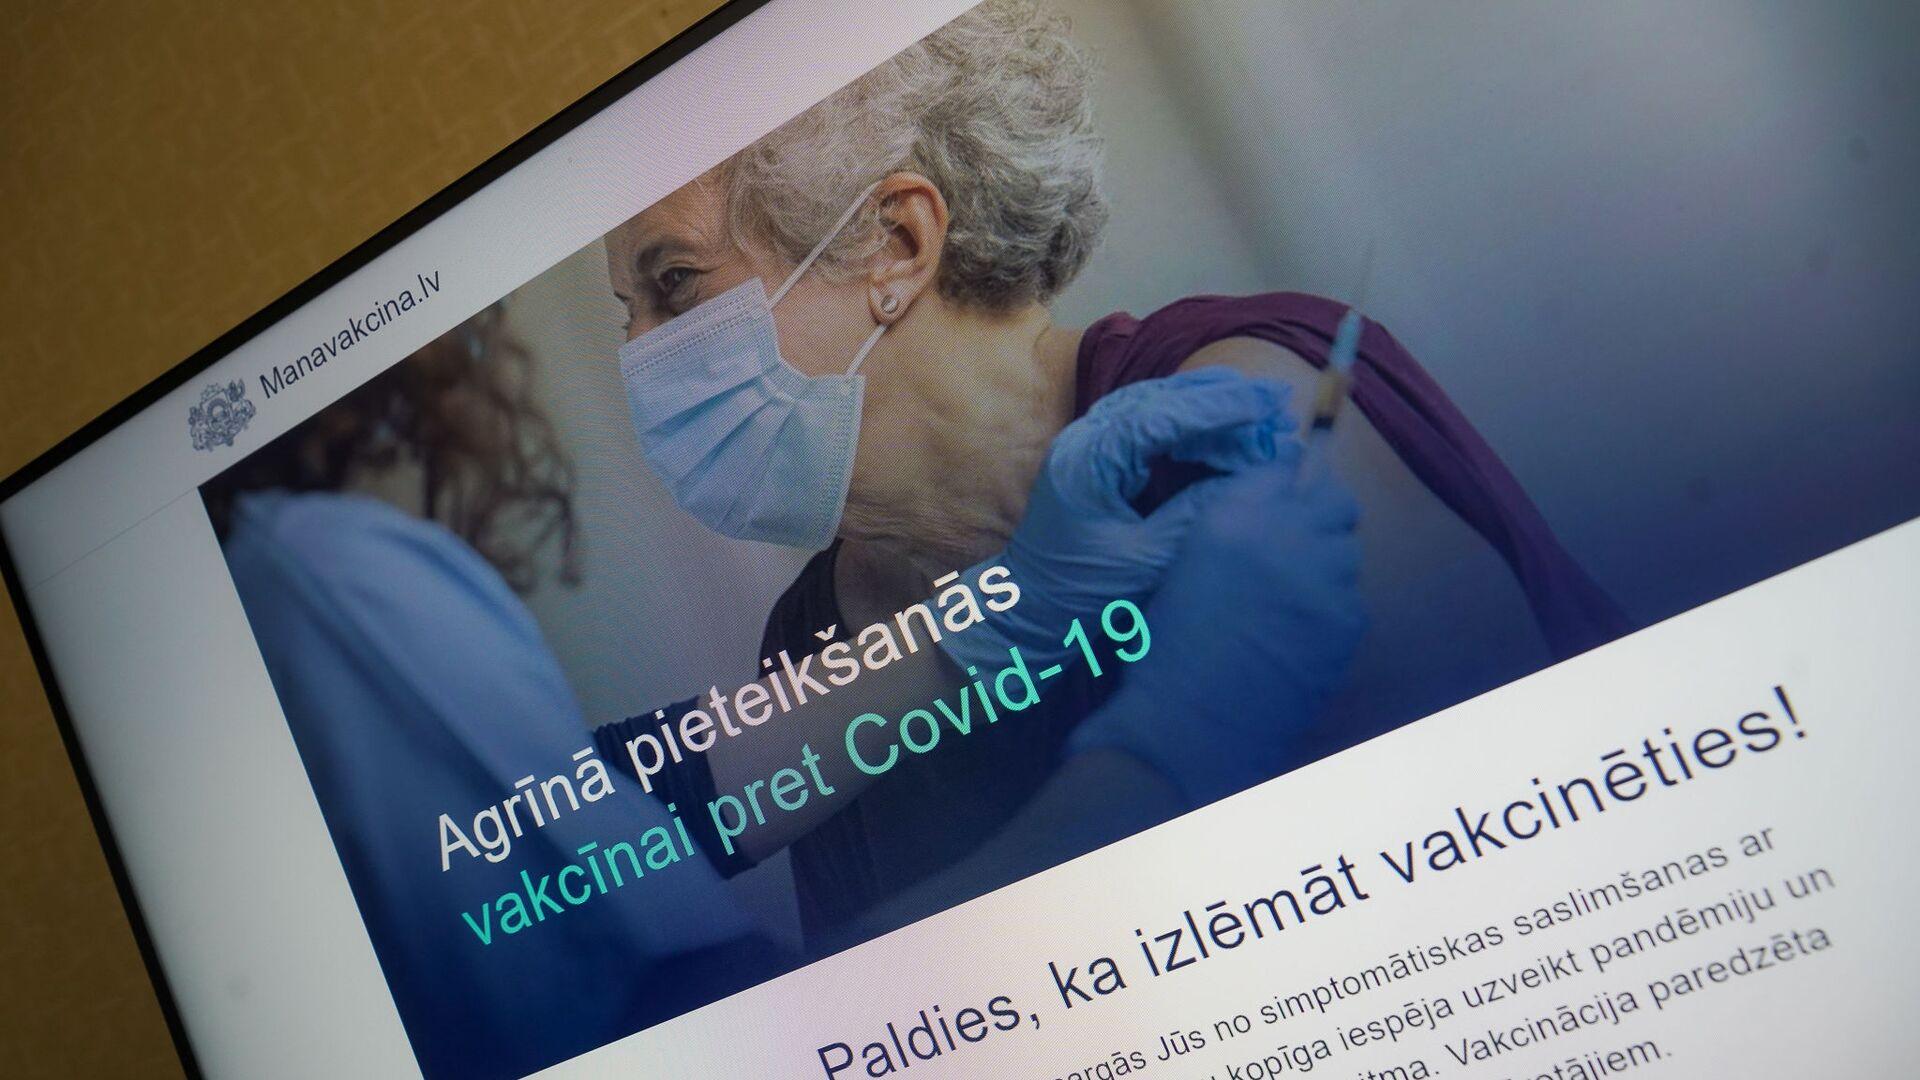 Латвийский сайт manavakcina.lv для подачи заявки на вакцинацию от COVID-19 - Sputnik Латвия, 1920, 28.06.2021